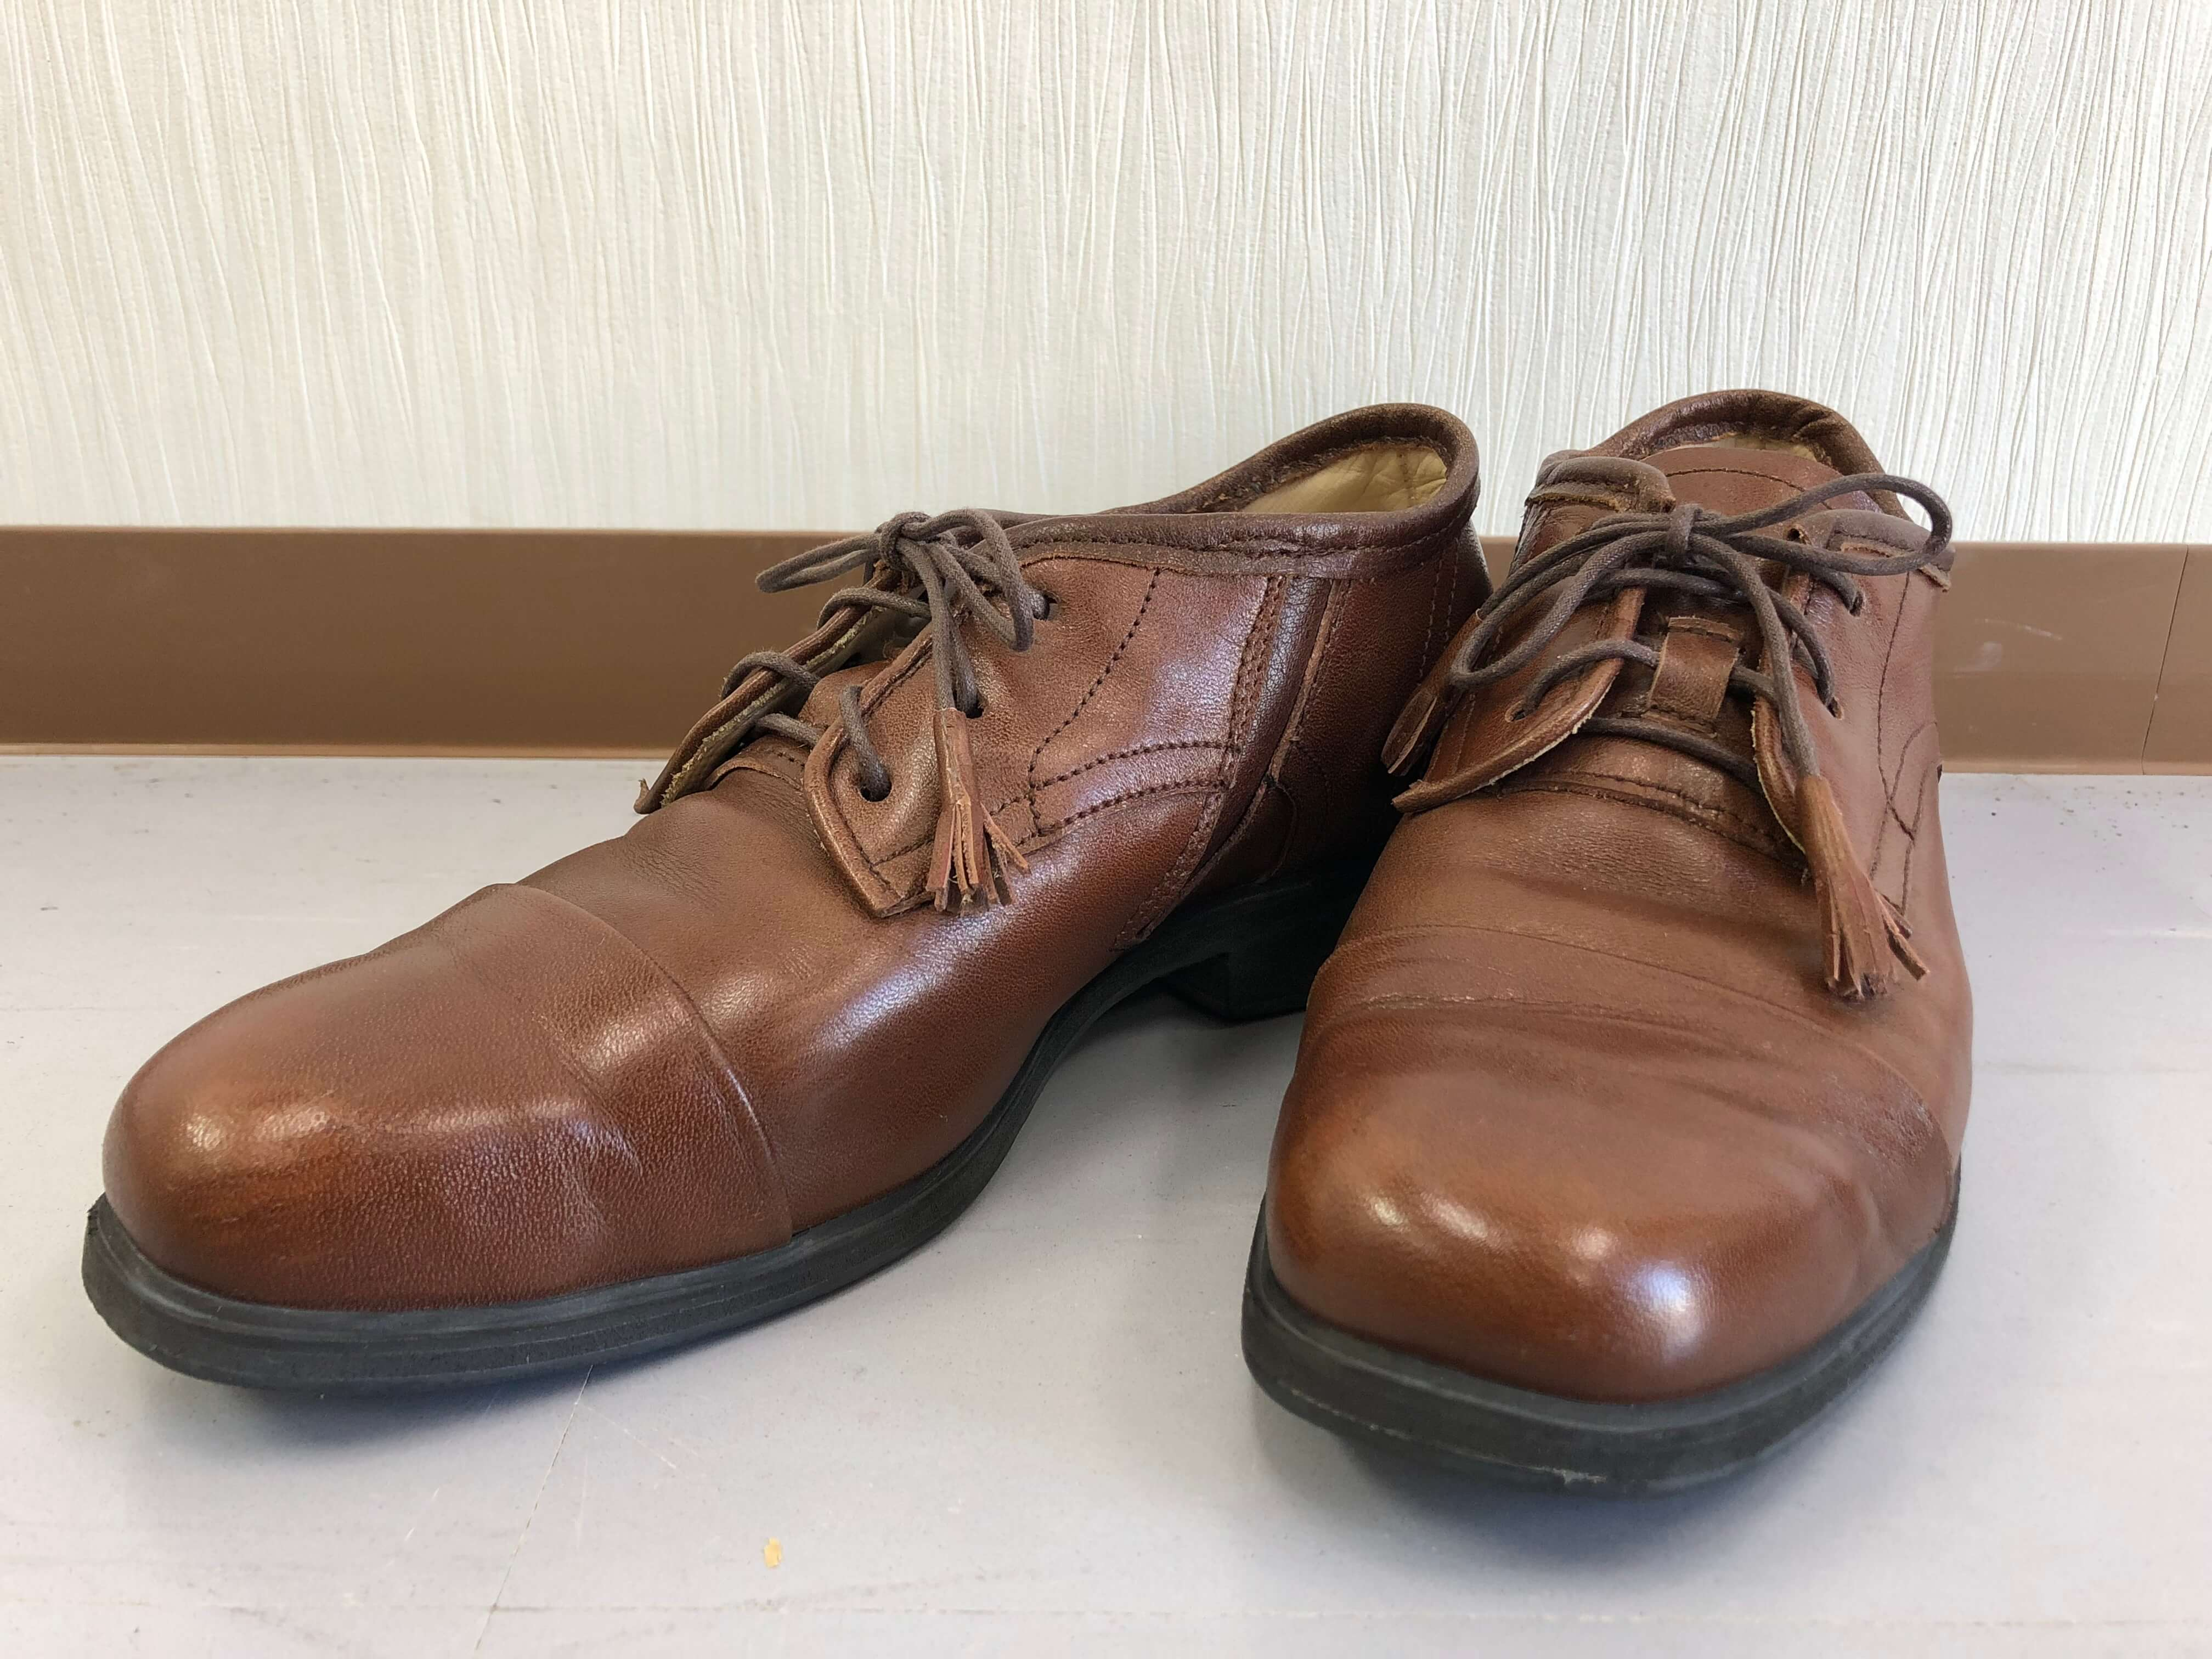 福本義肢製作所 ブーツのカットアレンジ